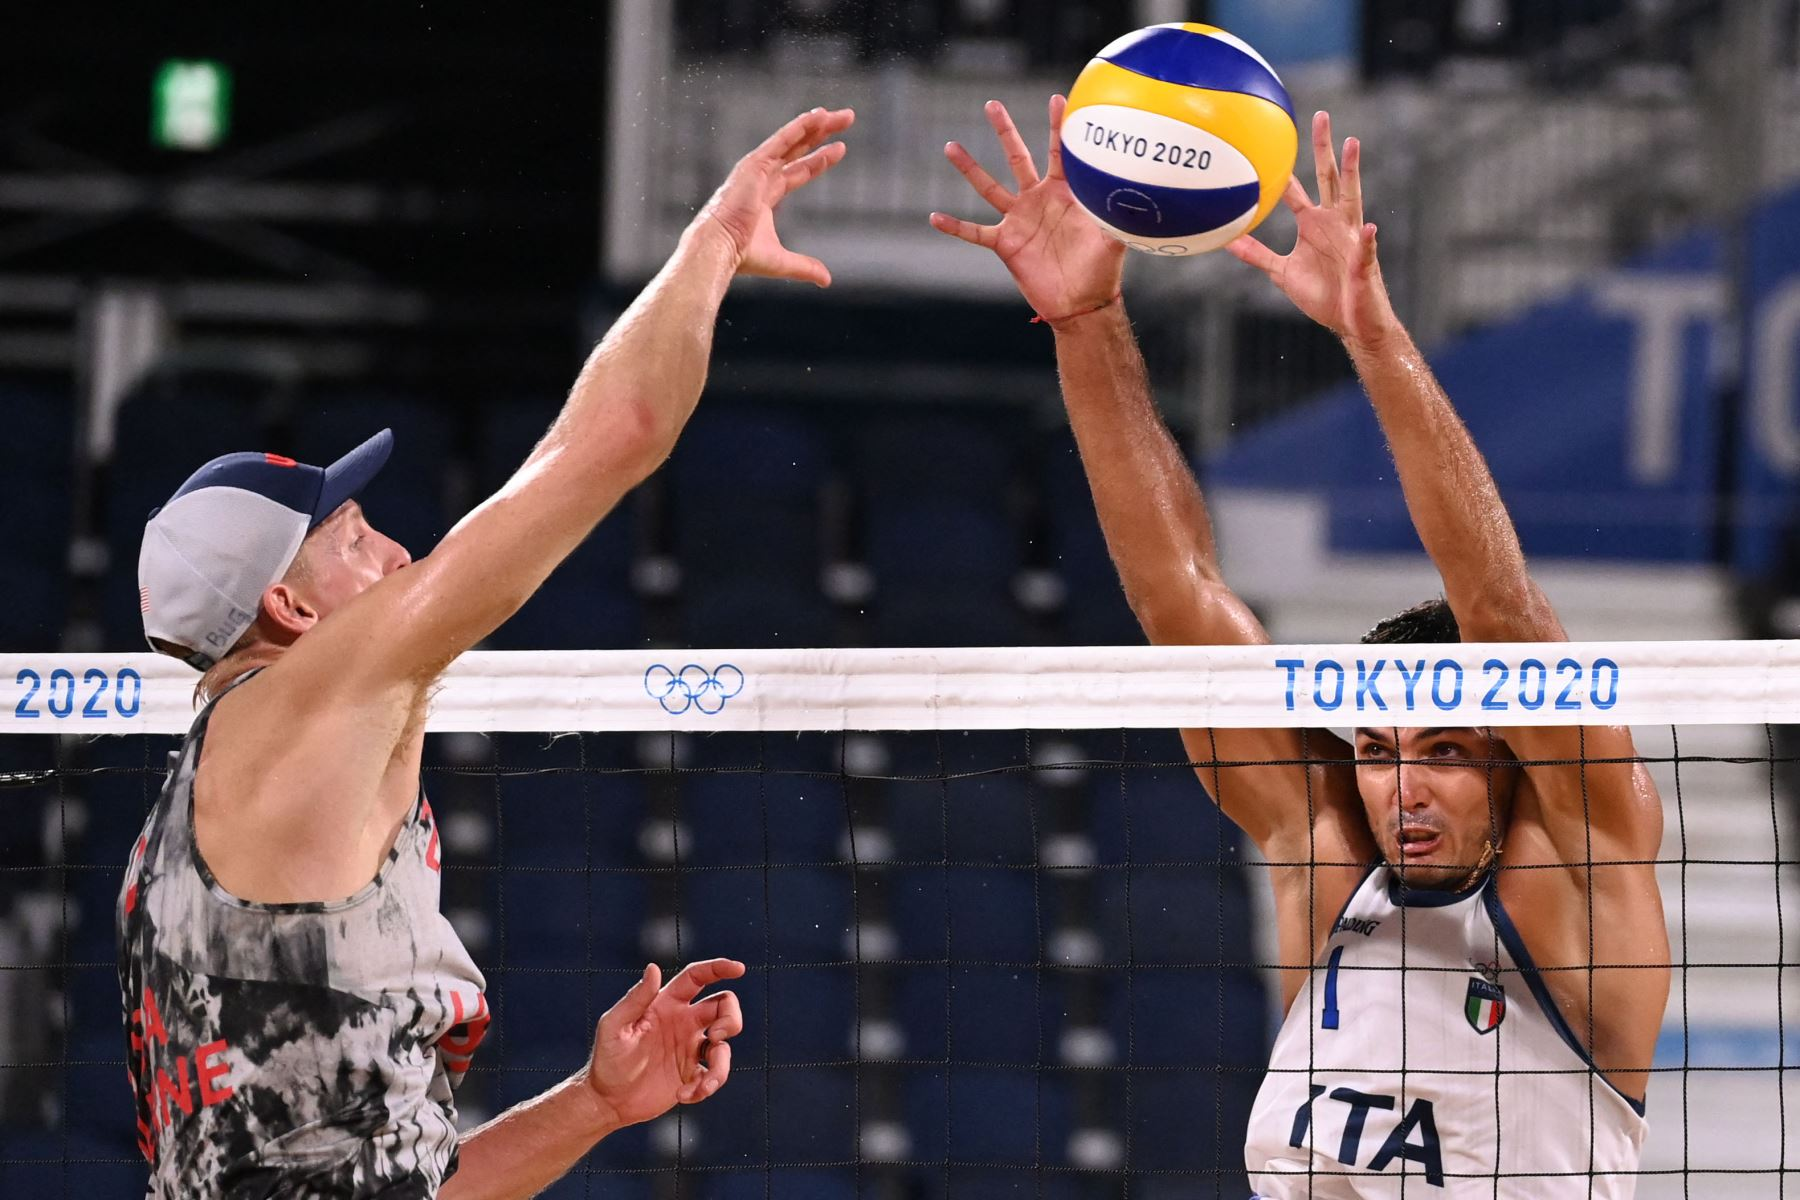 El italiano Enrico Rossi  bloquea un disparo del estadounidense Tri Bourne en el partido preliminar del grupo C de voleibol de playa masculino entre Estados Unidos e Italia durante los Juegos Olímpicos de Tokio 2020. Foto: AFP